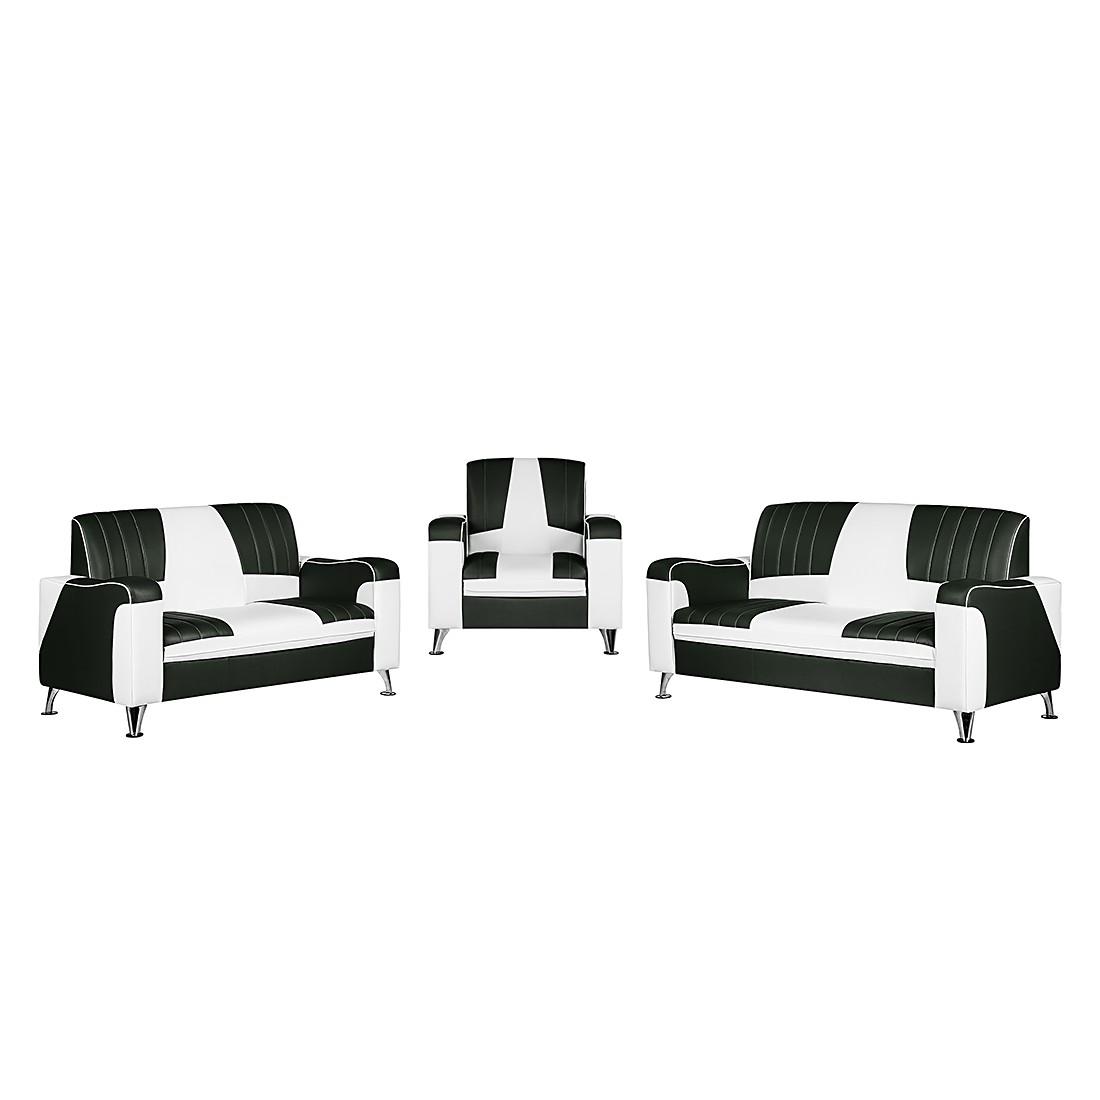 goedkoop Gestoffeerde meubelset Nixa 3zitsbank 2zitsbank en fauteuil wit kunstleer zwart Studio Monroe